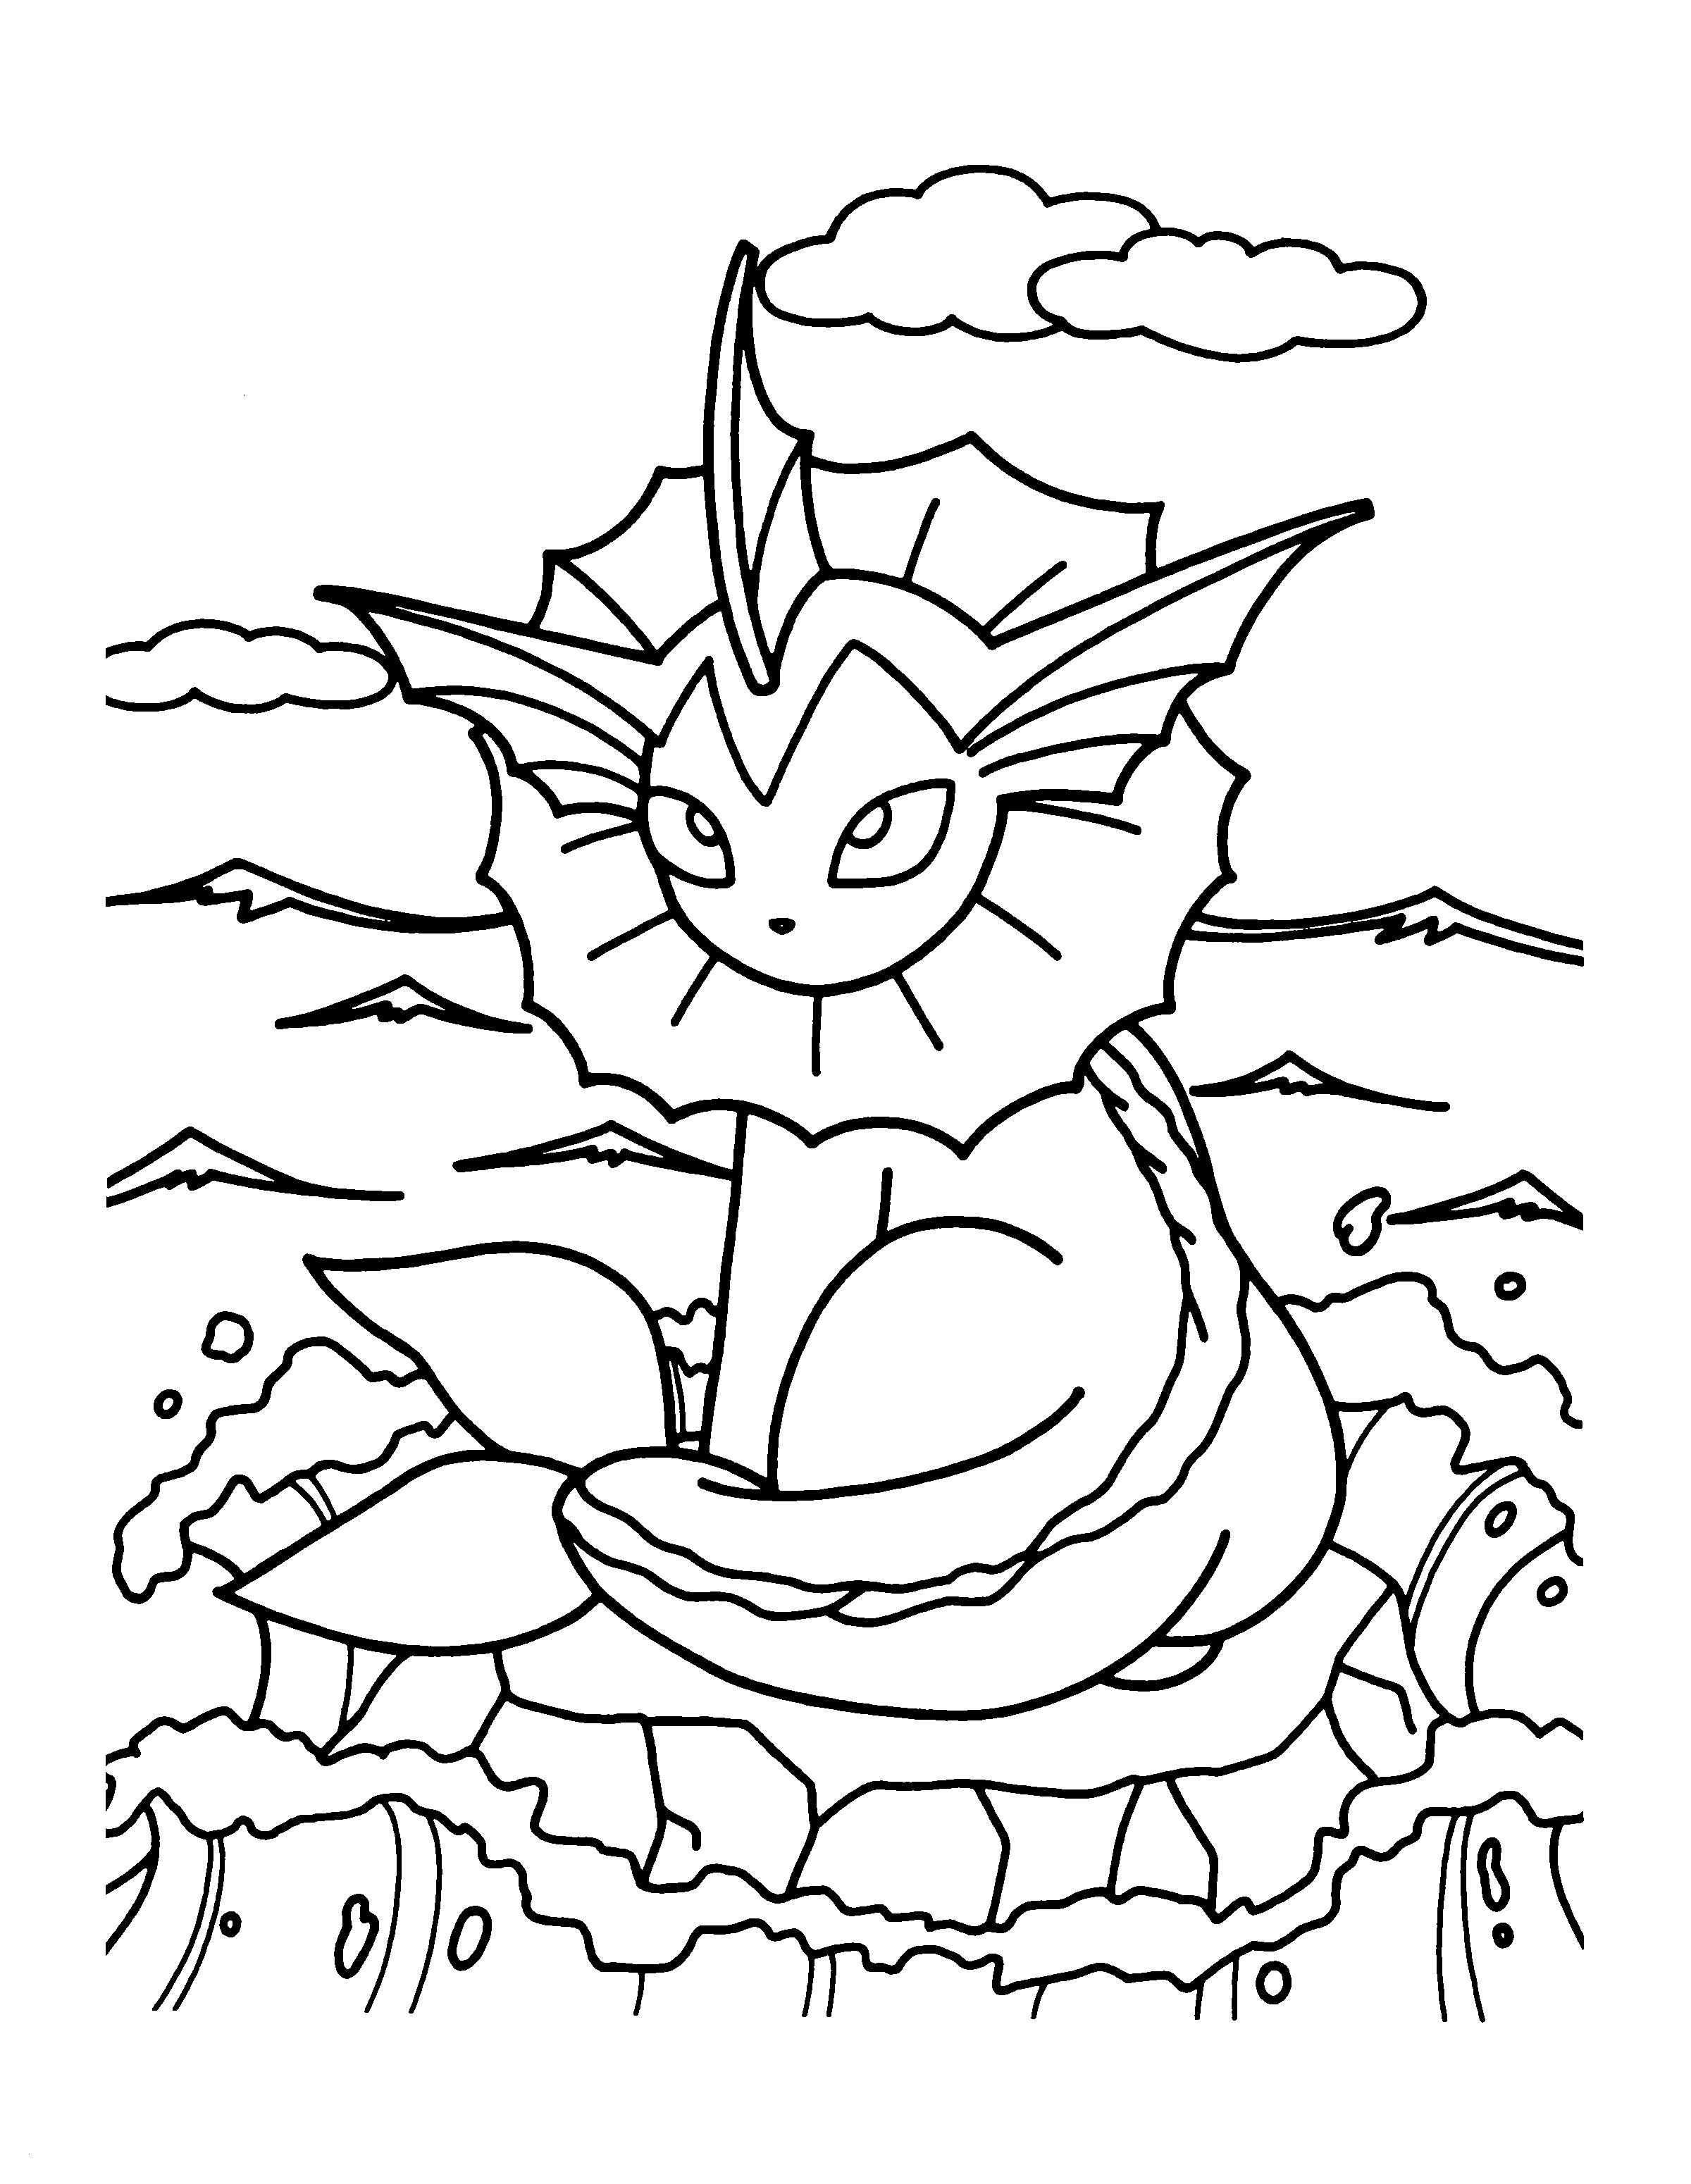 Pokemon Ausmalbilder Kostenlos Frisch Beau Ausmalbilder Pokemon Kostenlos Ausdrucken – Duschbehalter Bilder